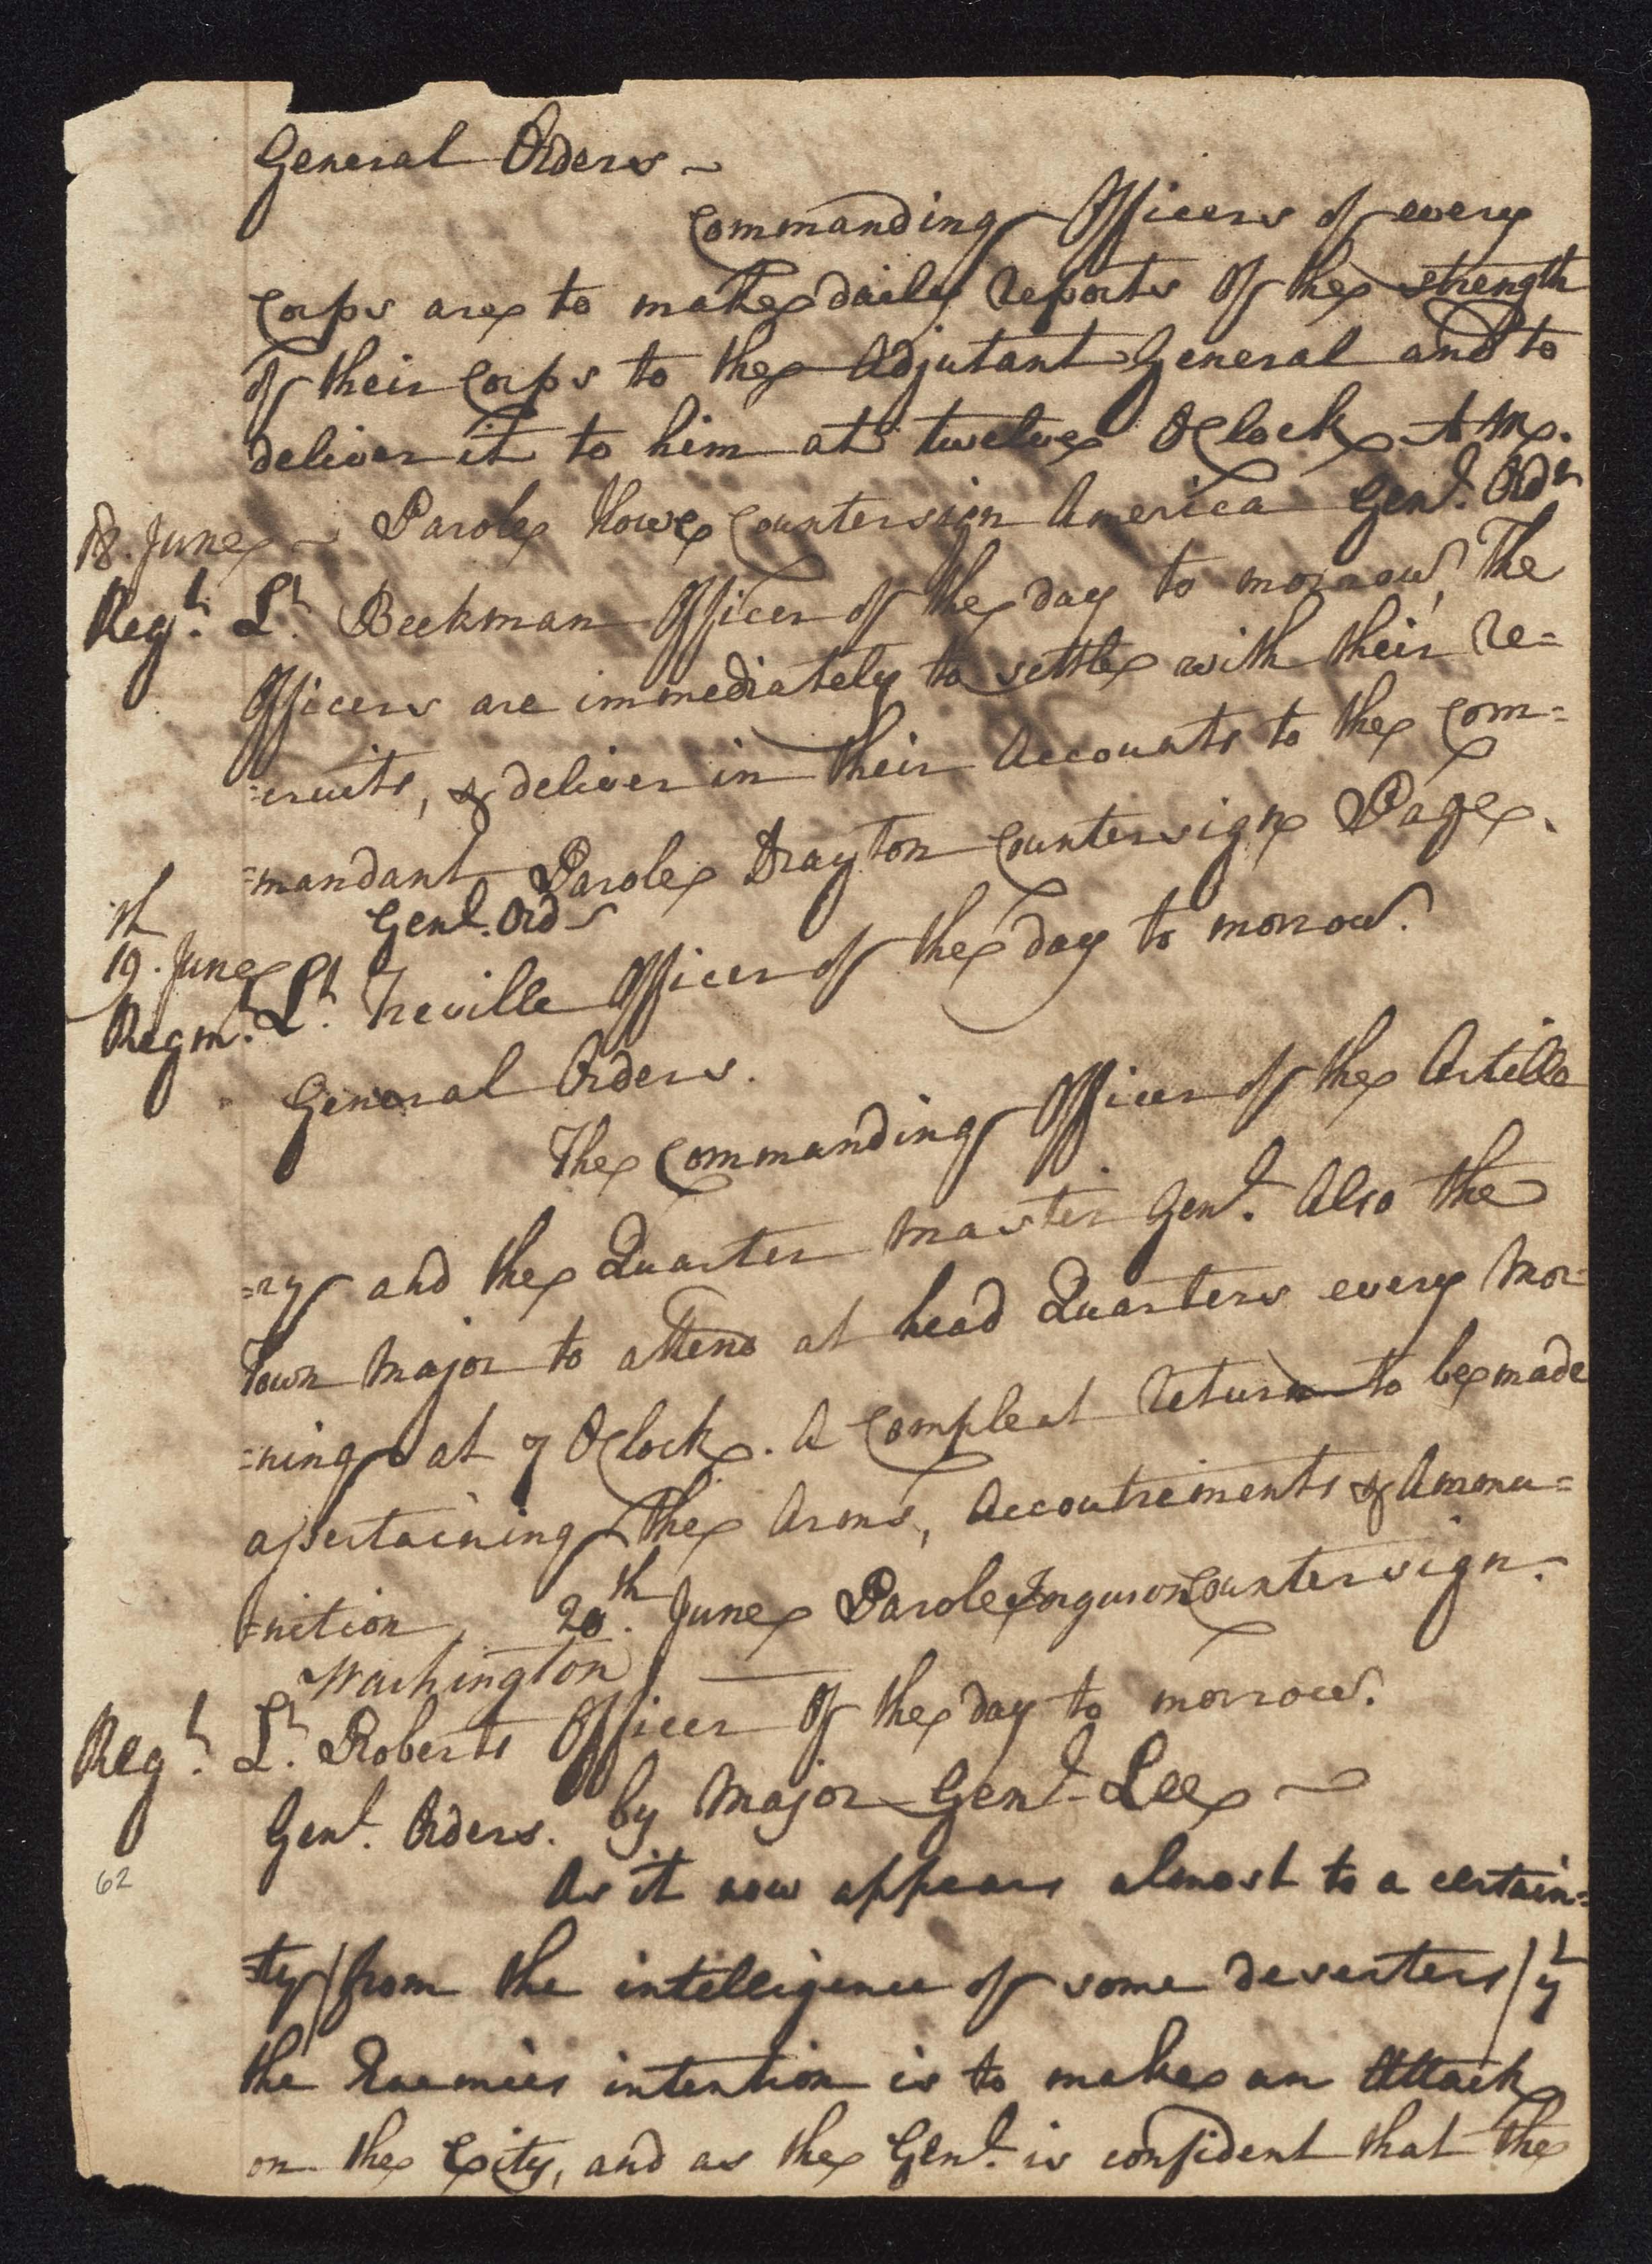 South Carolina Regiment Order Book, Page 123